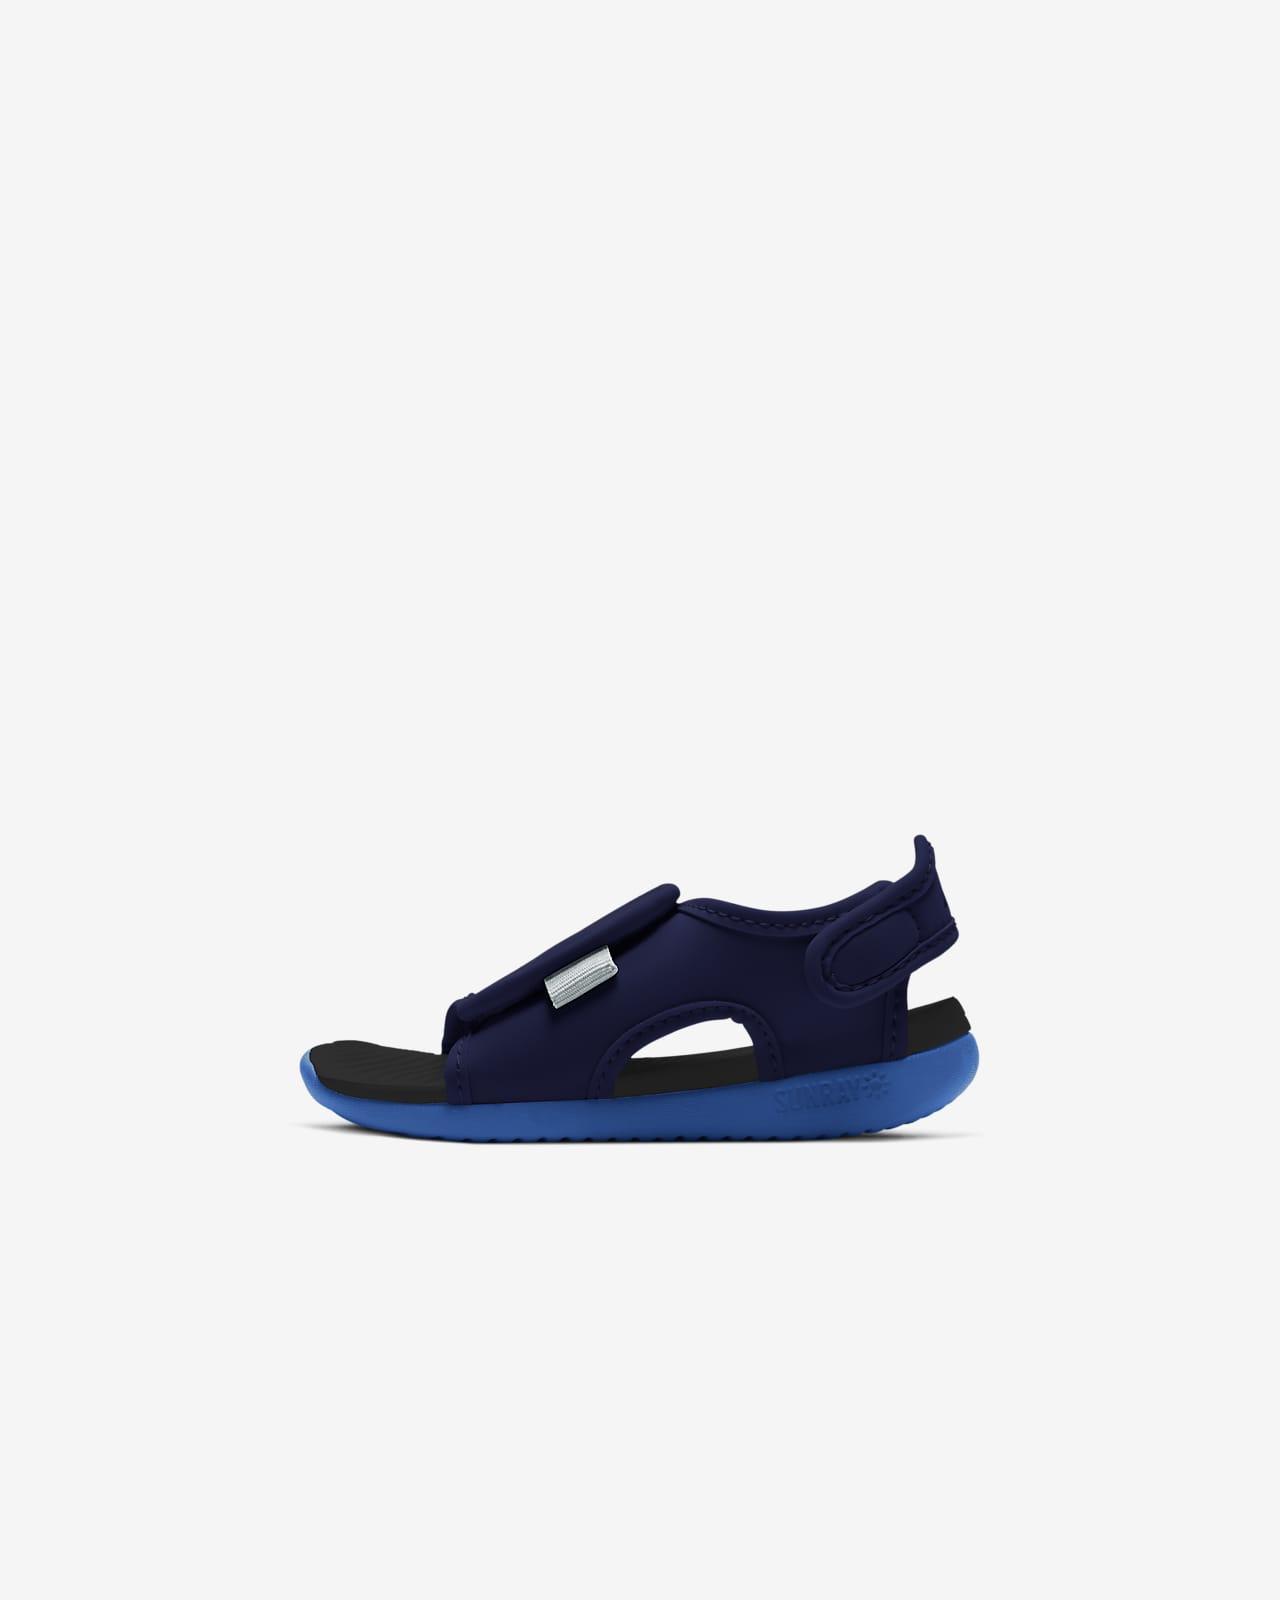 รองเท้าแตะทารก/เด็กวัยหัดเดิน Nike Sunray Adjust 5 V2